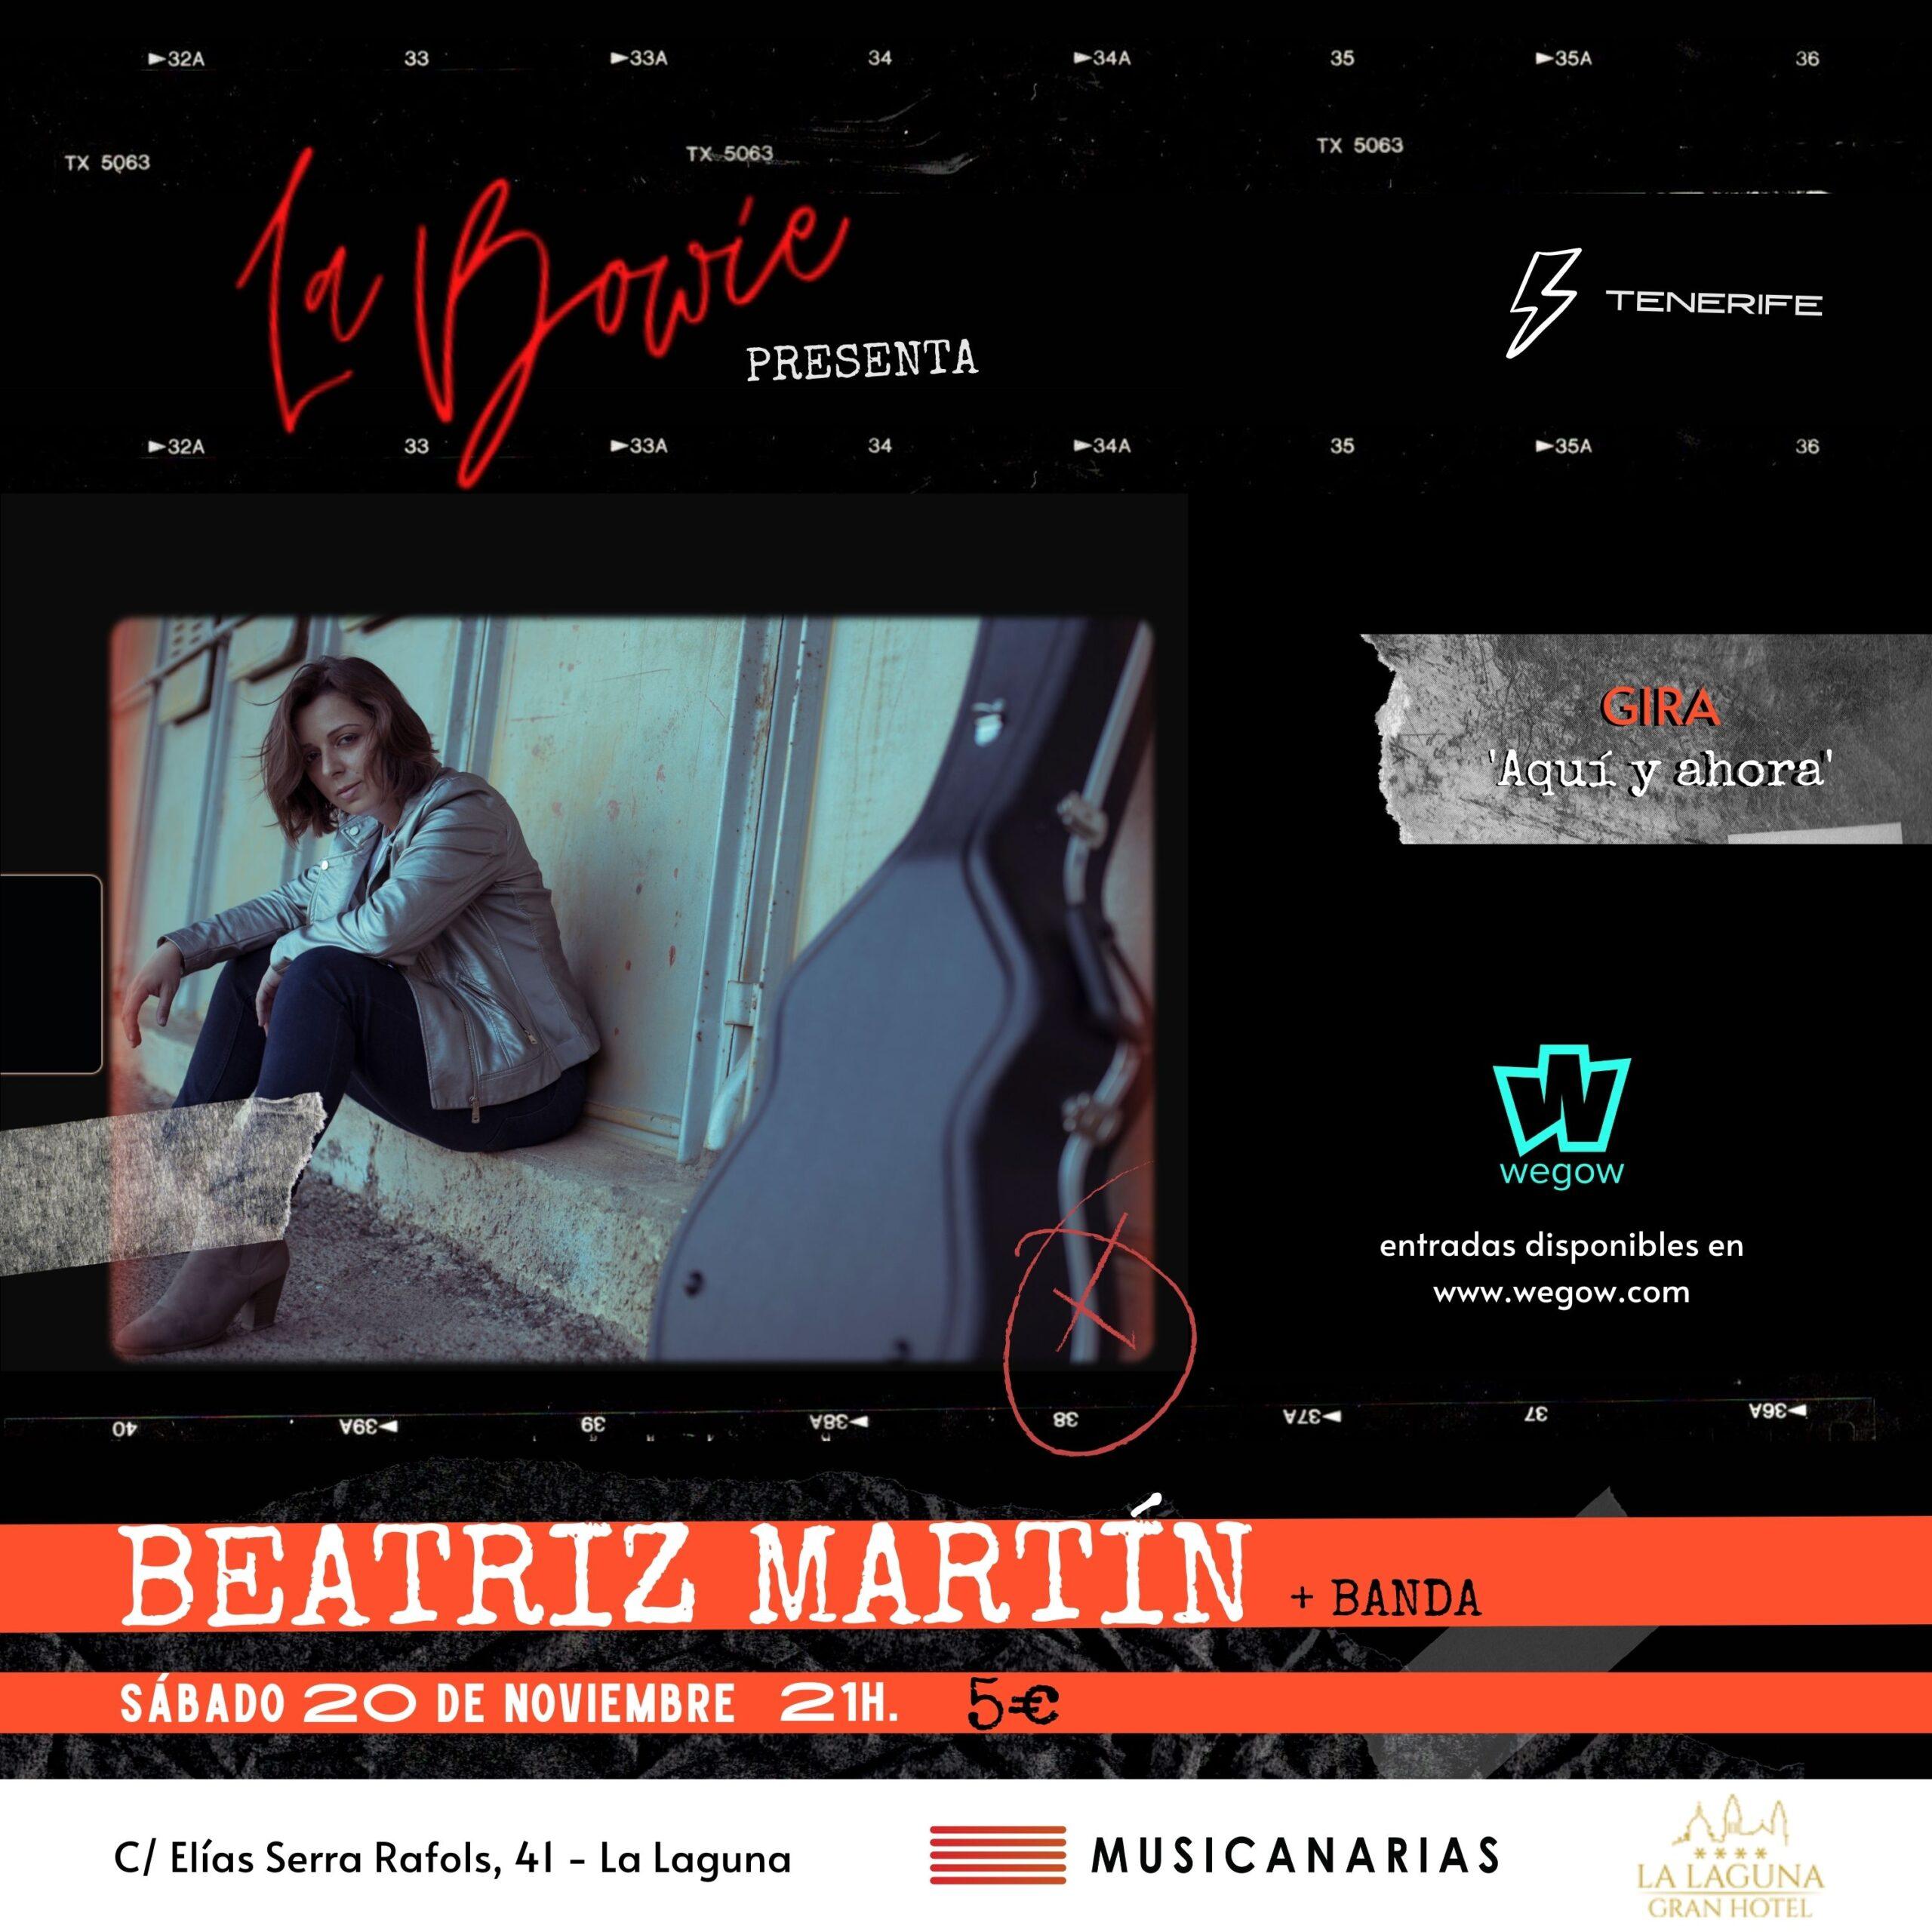 beatriz martin en tenerife 16267228697426353